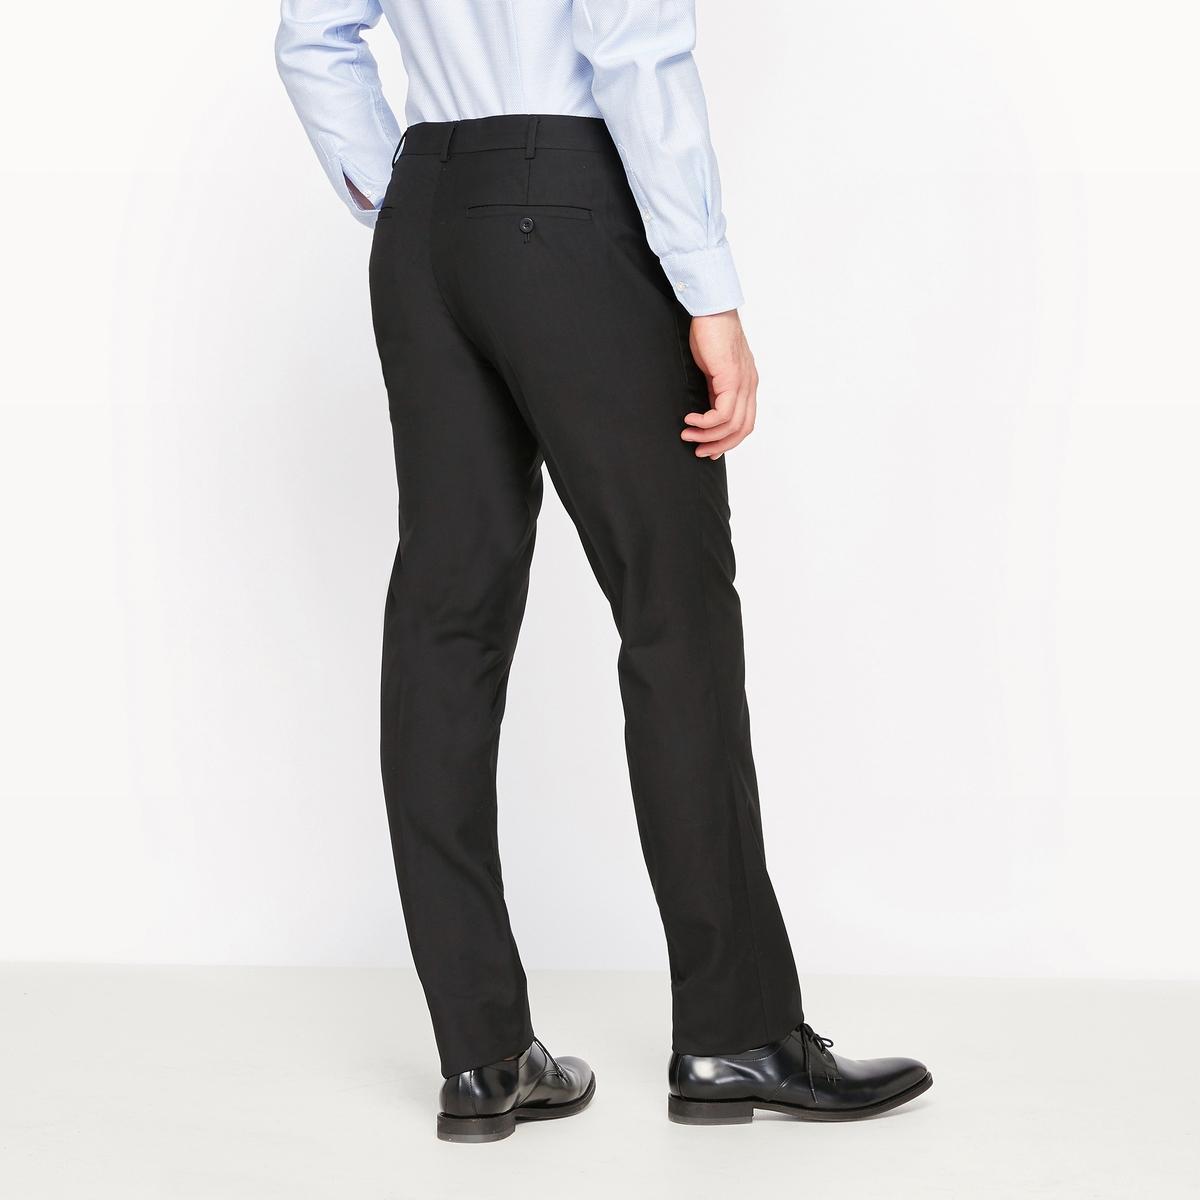 Брюки костюмные прямого покрояБрюки костюмные. Прямой покрой. 2 боковых кармана, 2 прорезных кармана сзади. Шлевки для ремня. Застёжка на молнию и пуговицу. Состав и описаниеМатериалы : 80% полиэстера, 20% вискозы Длина по внутр.шву : 85 см - Ширина по низу: 19,5 смМарка :      R ?ditionУходРекомендуется сухая чистка<br><br>Цвет: черный<br>Размер: 36 (FR) - 42 (RUS).50 (FR) - 56 (RUS).44 (FR) - 50 (RUS).38 (FR) - 44 (RUS)